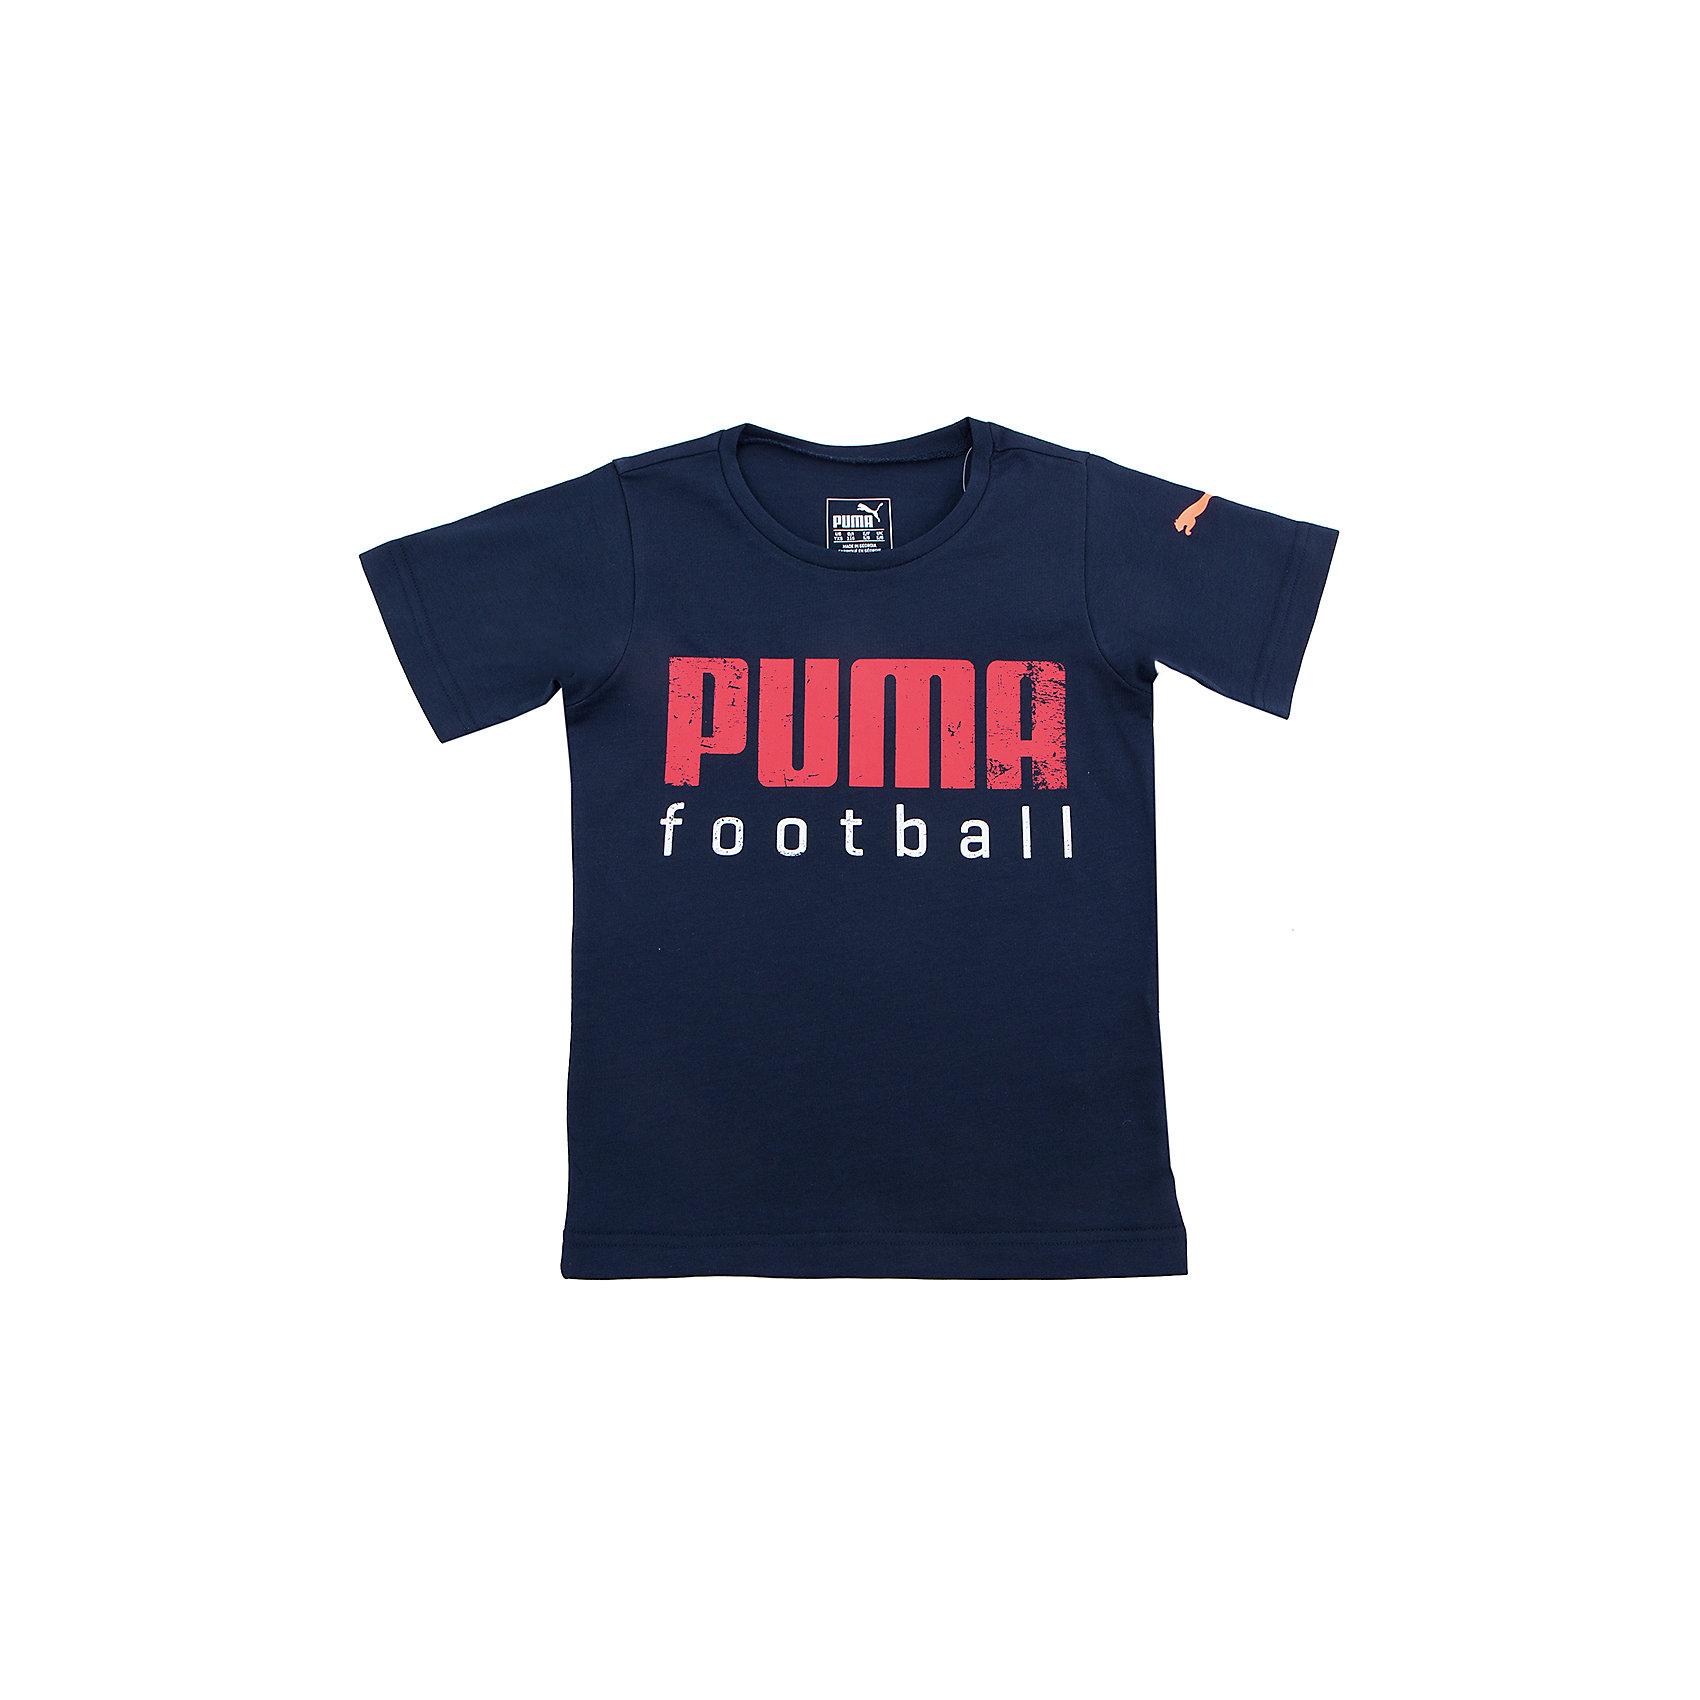 Футболка для мальчика BTS Football Shirt PUMAФутболка для мальчика BTS Football Shirt PUMA - идеальный вариант для занятий спортом и активного отдыха. Модель выполнена из высококачественных материалов, прекрасно смотрится на фигуре, не сковывает движения. Футболка имеет округлый вырез горловины, декорирована контрастной надписью и набивным логотипом на левом рукаве. <br><br>Дополнительная информация:<br><br>- Округлый вырез горловины.<br>- Цвет: черный.<br>- Декоративные элементы: логотип, принт.<br>- Покрой: прямой.<br>Параметры для размера: 140<br>- Длина рукава: 18 см.<br><br>Состав:<br>65% полиэстер, 35% хлопок.<br><br>Футболку для мальчика BTS Football Shirt (Пума) можно купить в нашем магазине.<br><br>Ширина мм: 199<br>Глубина мм: 10<br>Высота мм: 161<br>Вес г: 151<br>Цвет: черный<br>Возраст от месяцев: 60<br>Возраст до месяцев: 72<br>Пол: Мужской<br>Возраст: Детский<br>Размер: 116,128,152,176,164,140<br>SKU: 4223301